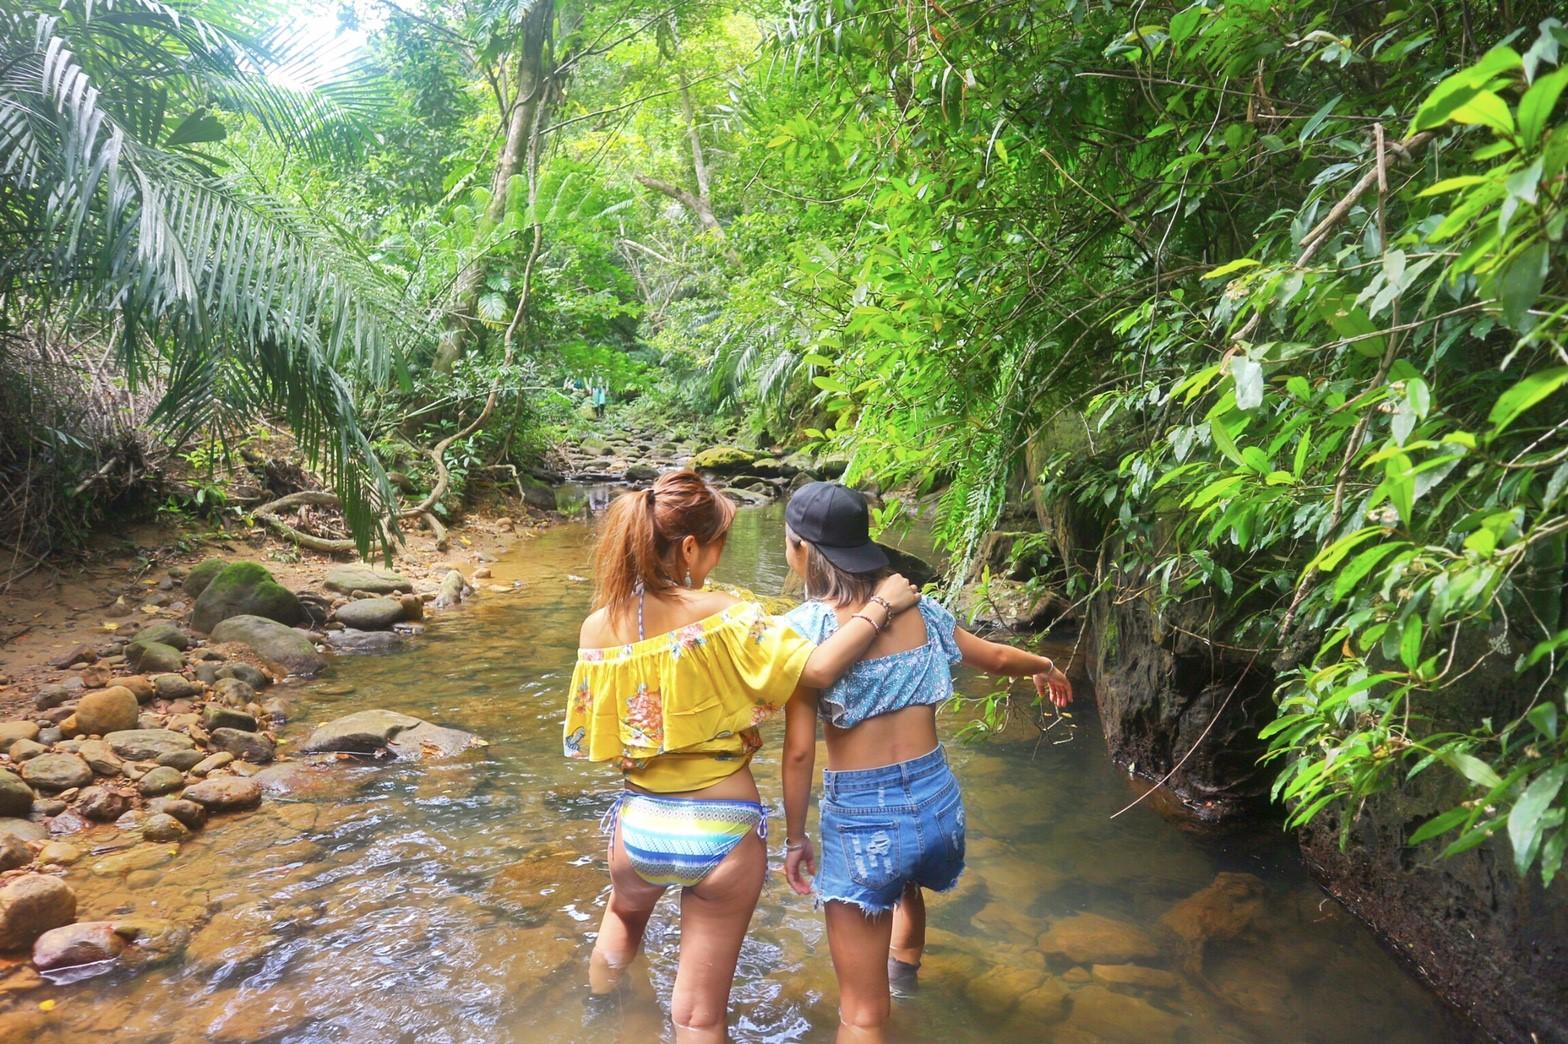 石垣島のジャングルを探検する